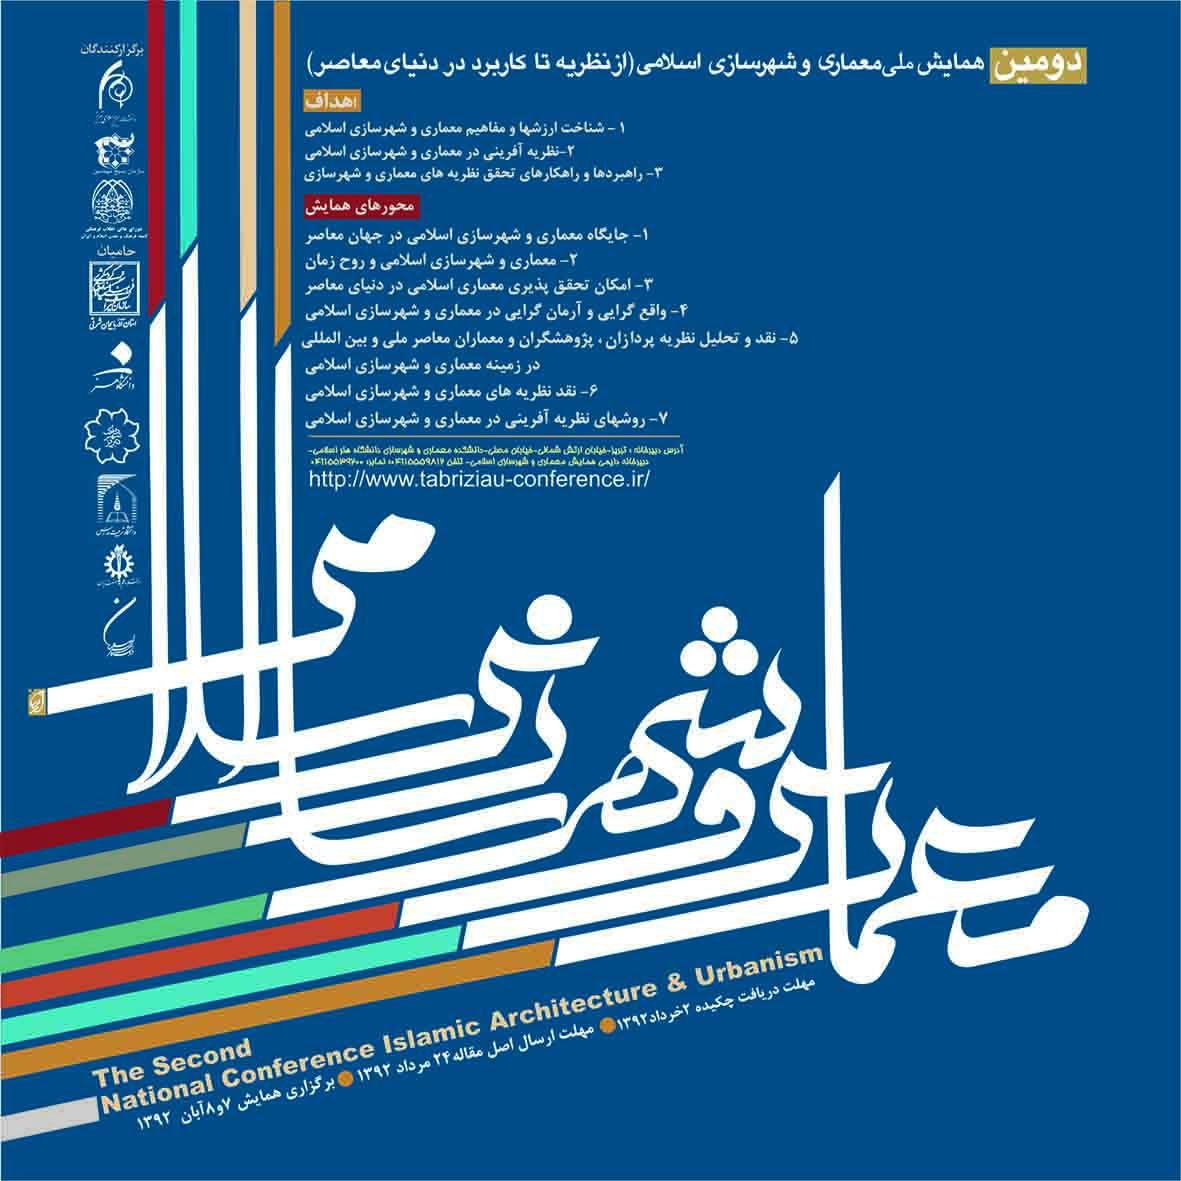 دومین همایش ملي معماری و شهرسازی اسلامی